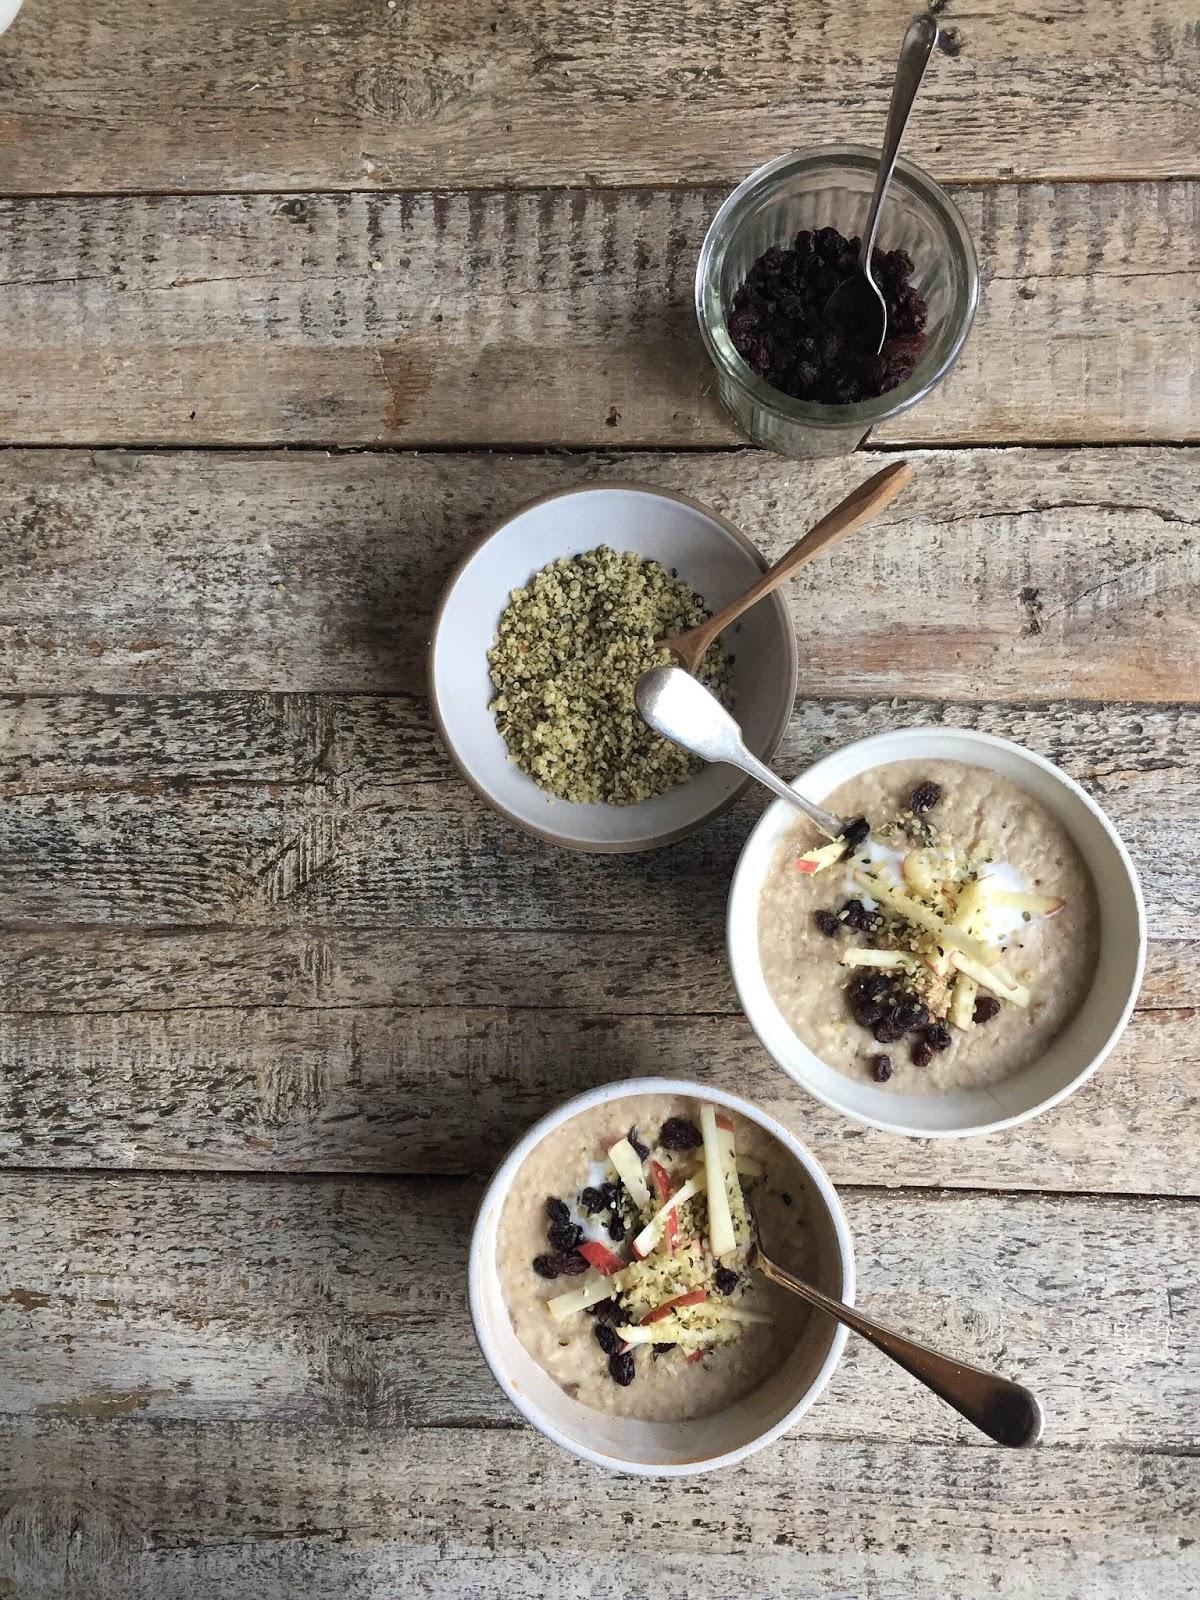 Cinnamon Spiced Morning Porridge Bowl